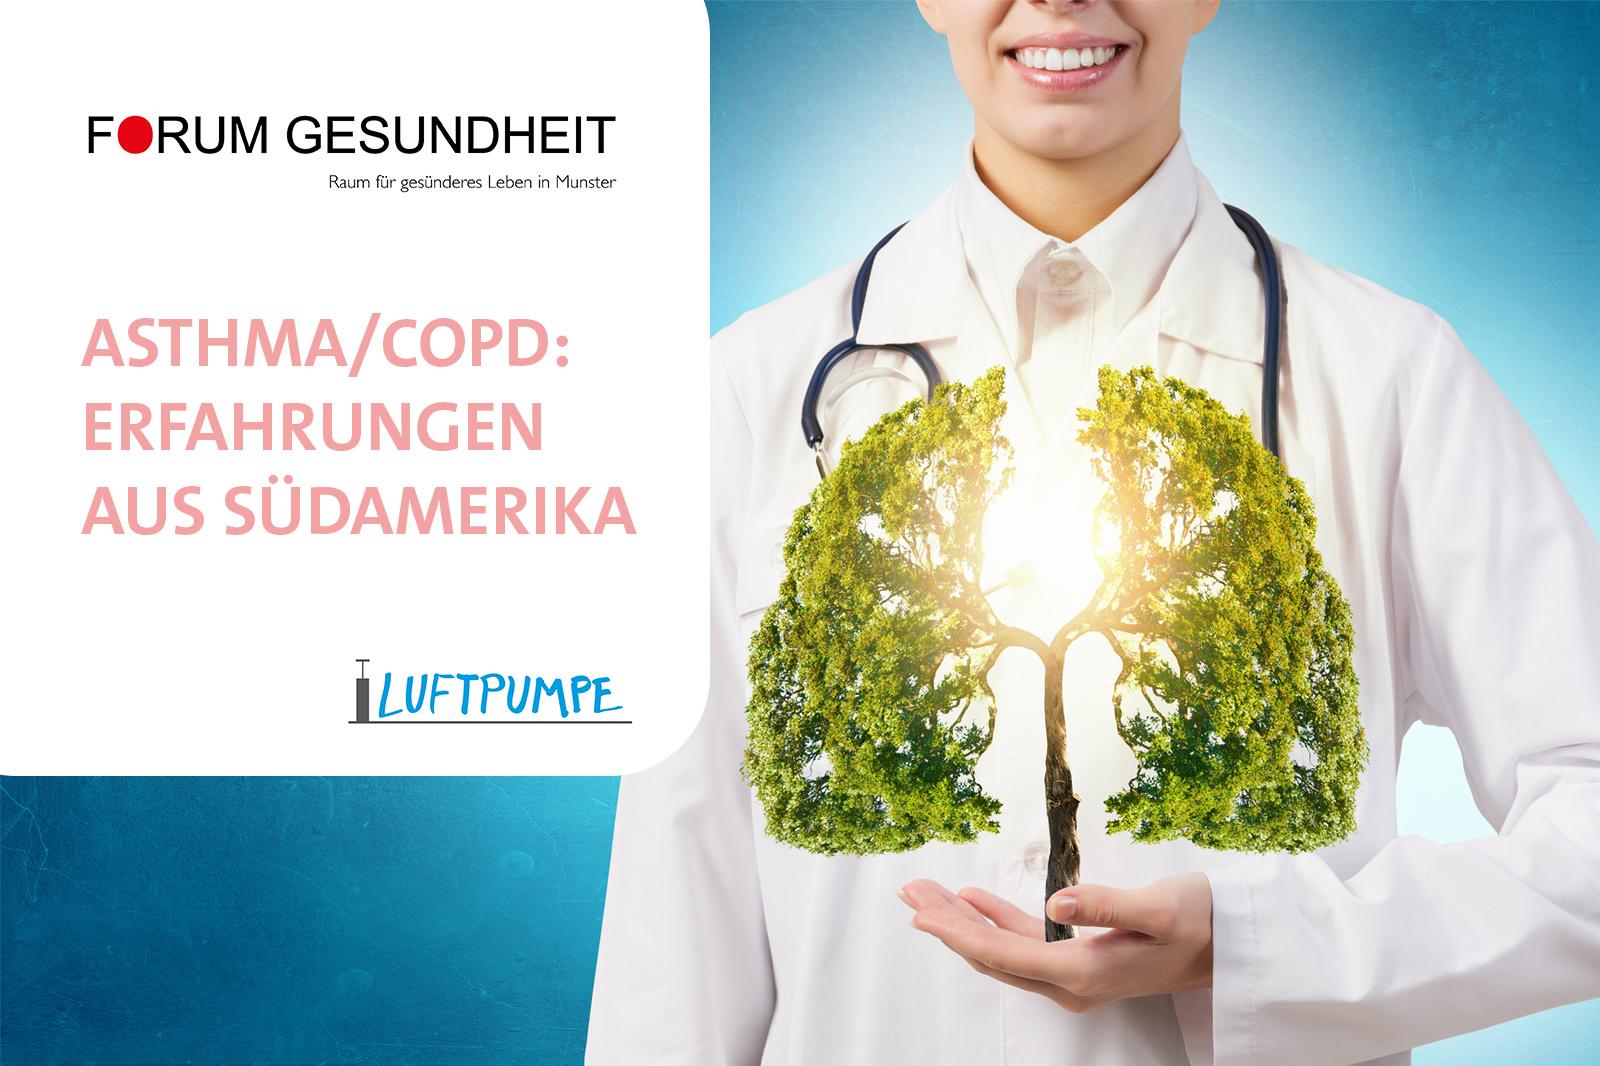 COPD/Asthma: Erfahrungen aus Südamerika